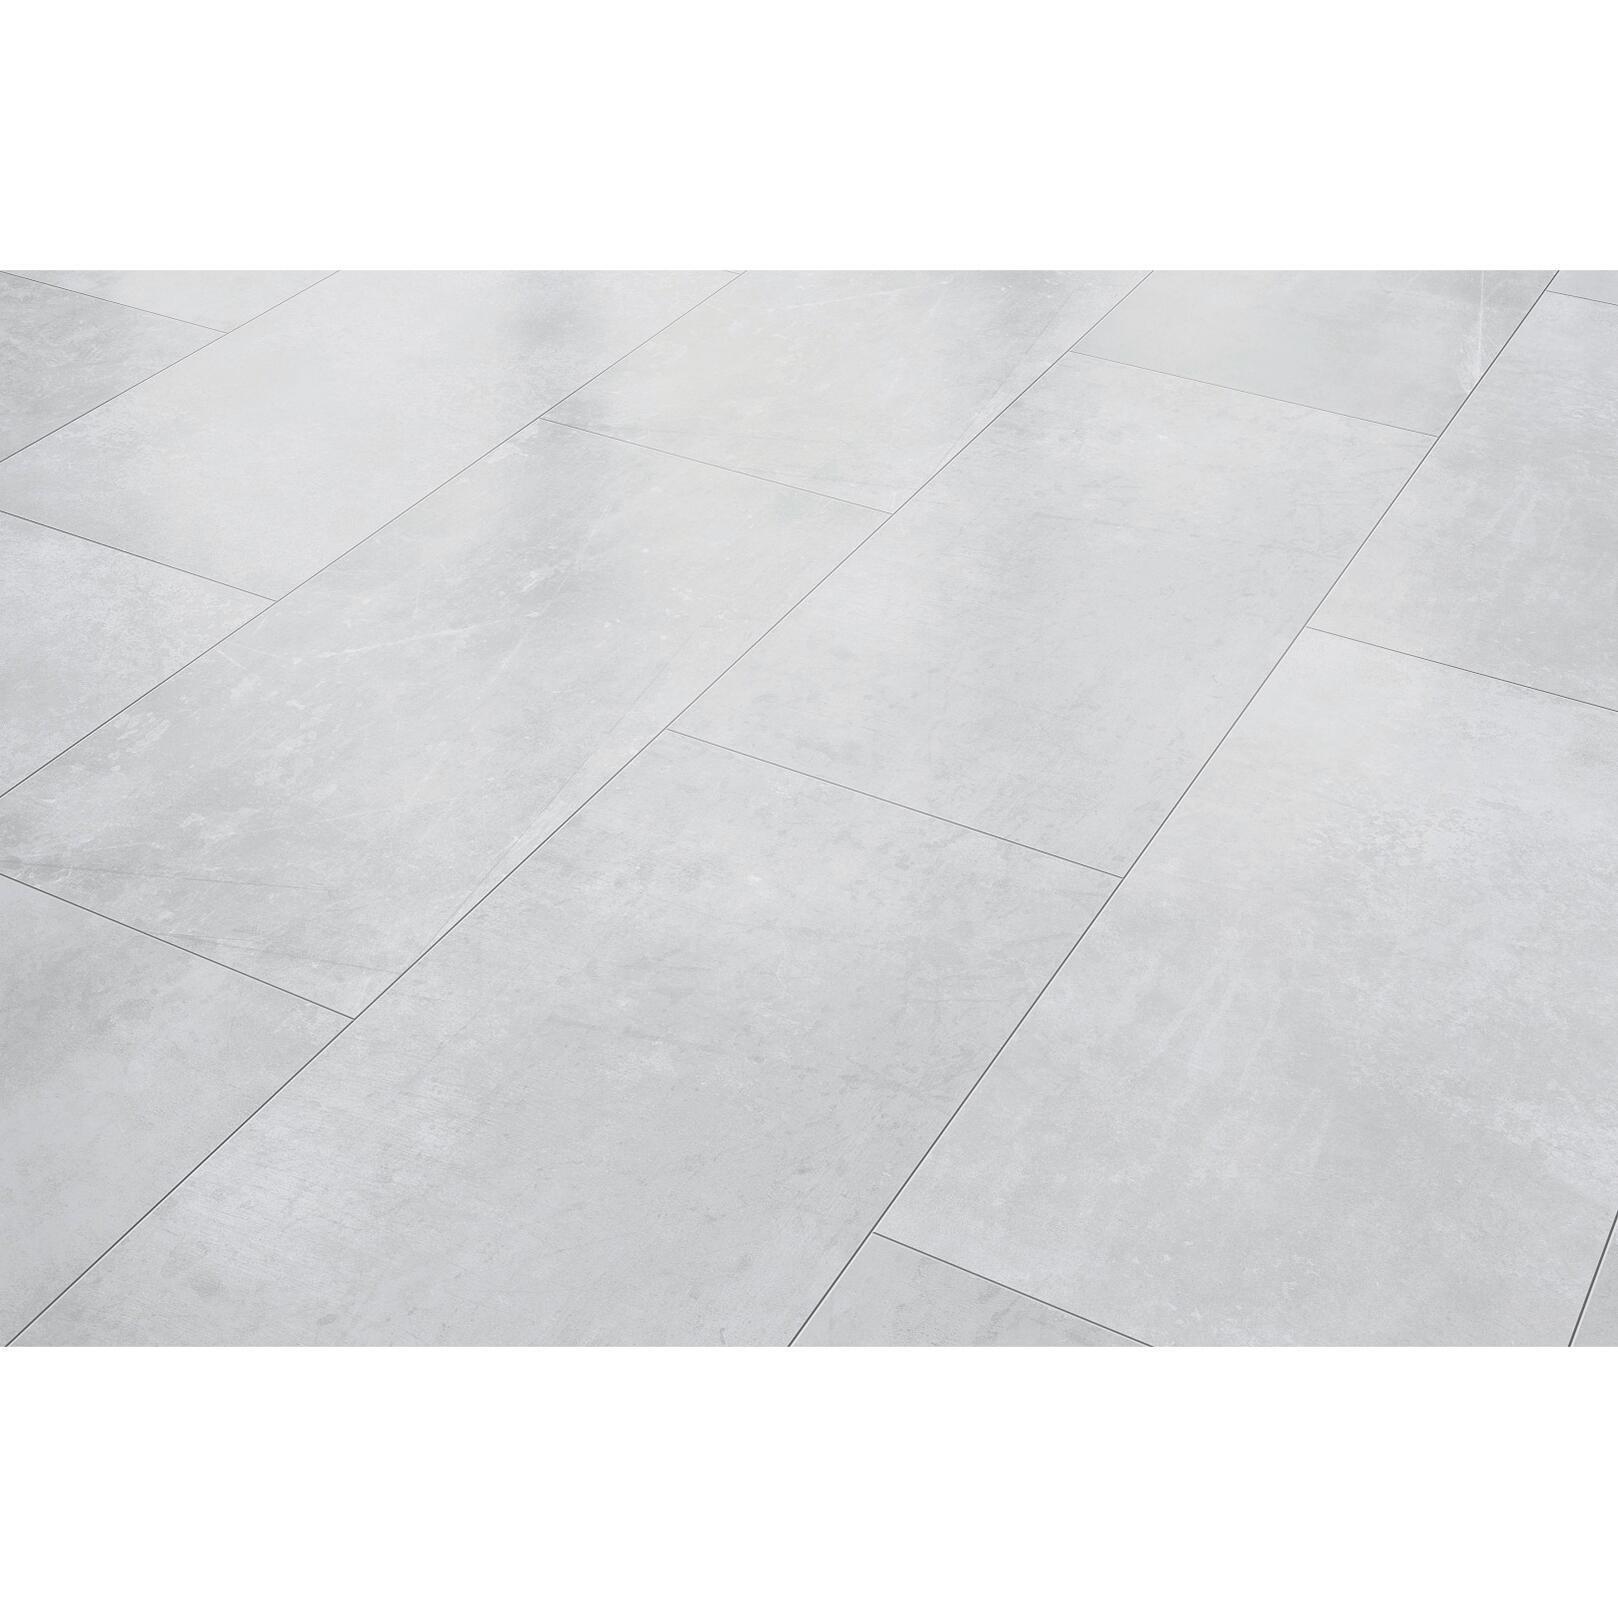 Pavimento SPC flottante clic+ Sp 4 mm grigio / argento - 3